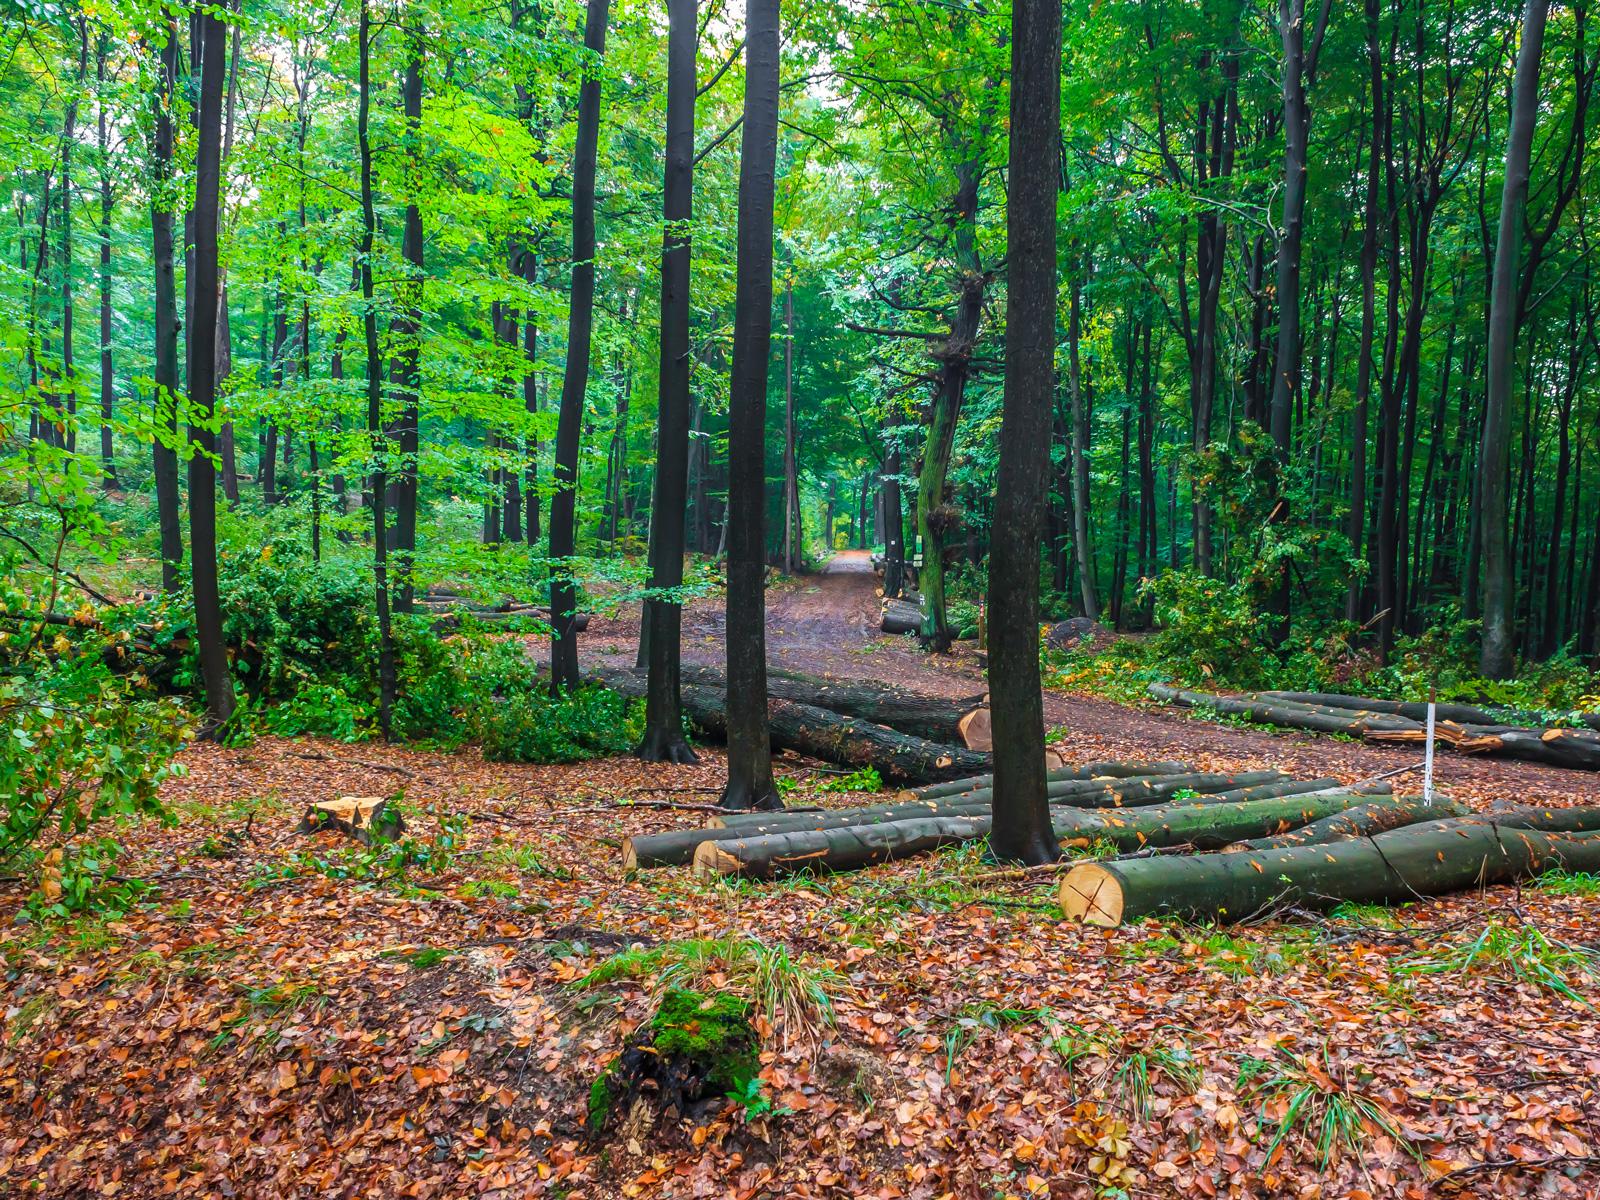 Buchenlangholz am Wanderweg nach Bad Eilsen